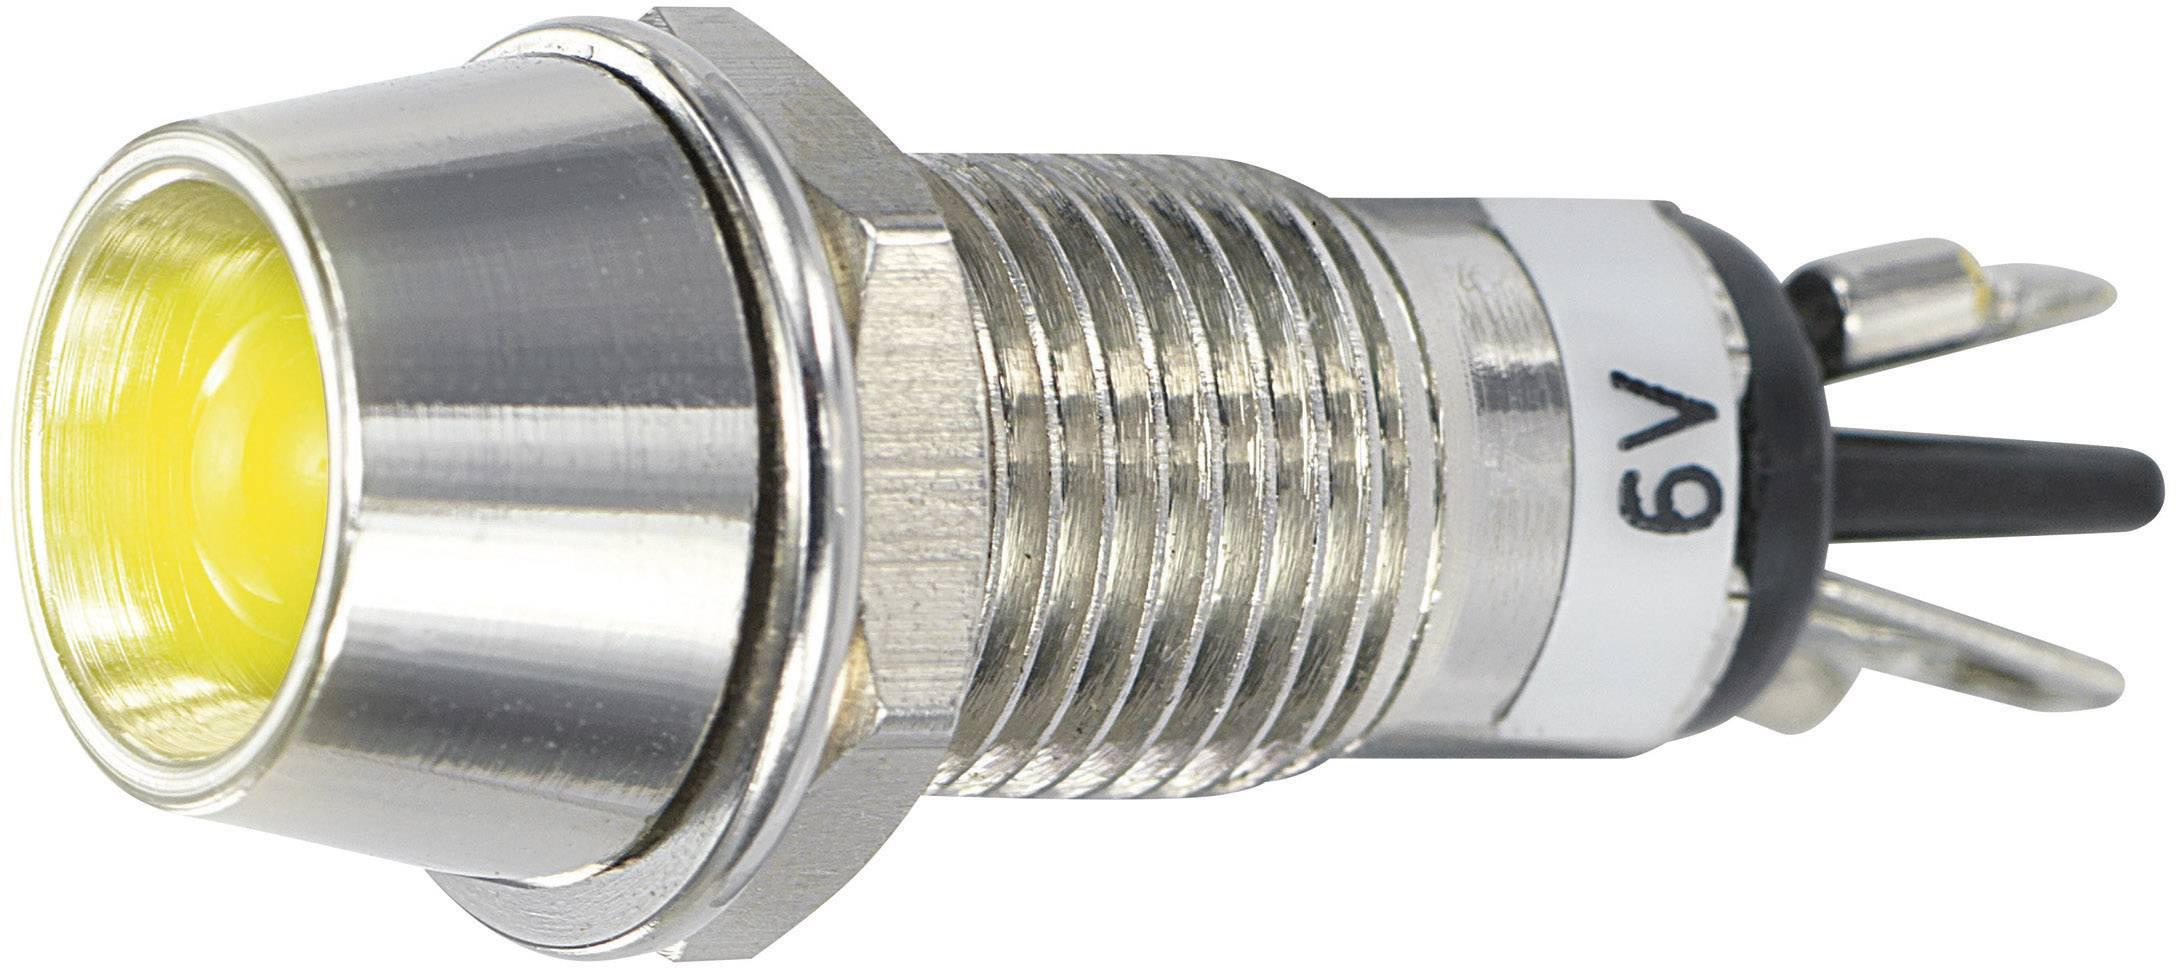 IndikačnéLED SCI R9-115L 6 V YELLOW, 6 V/DC, žltá